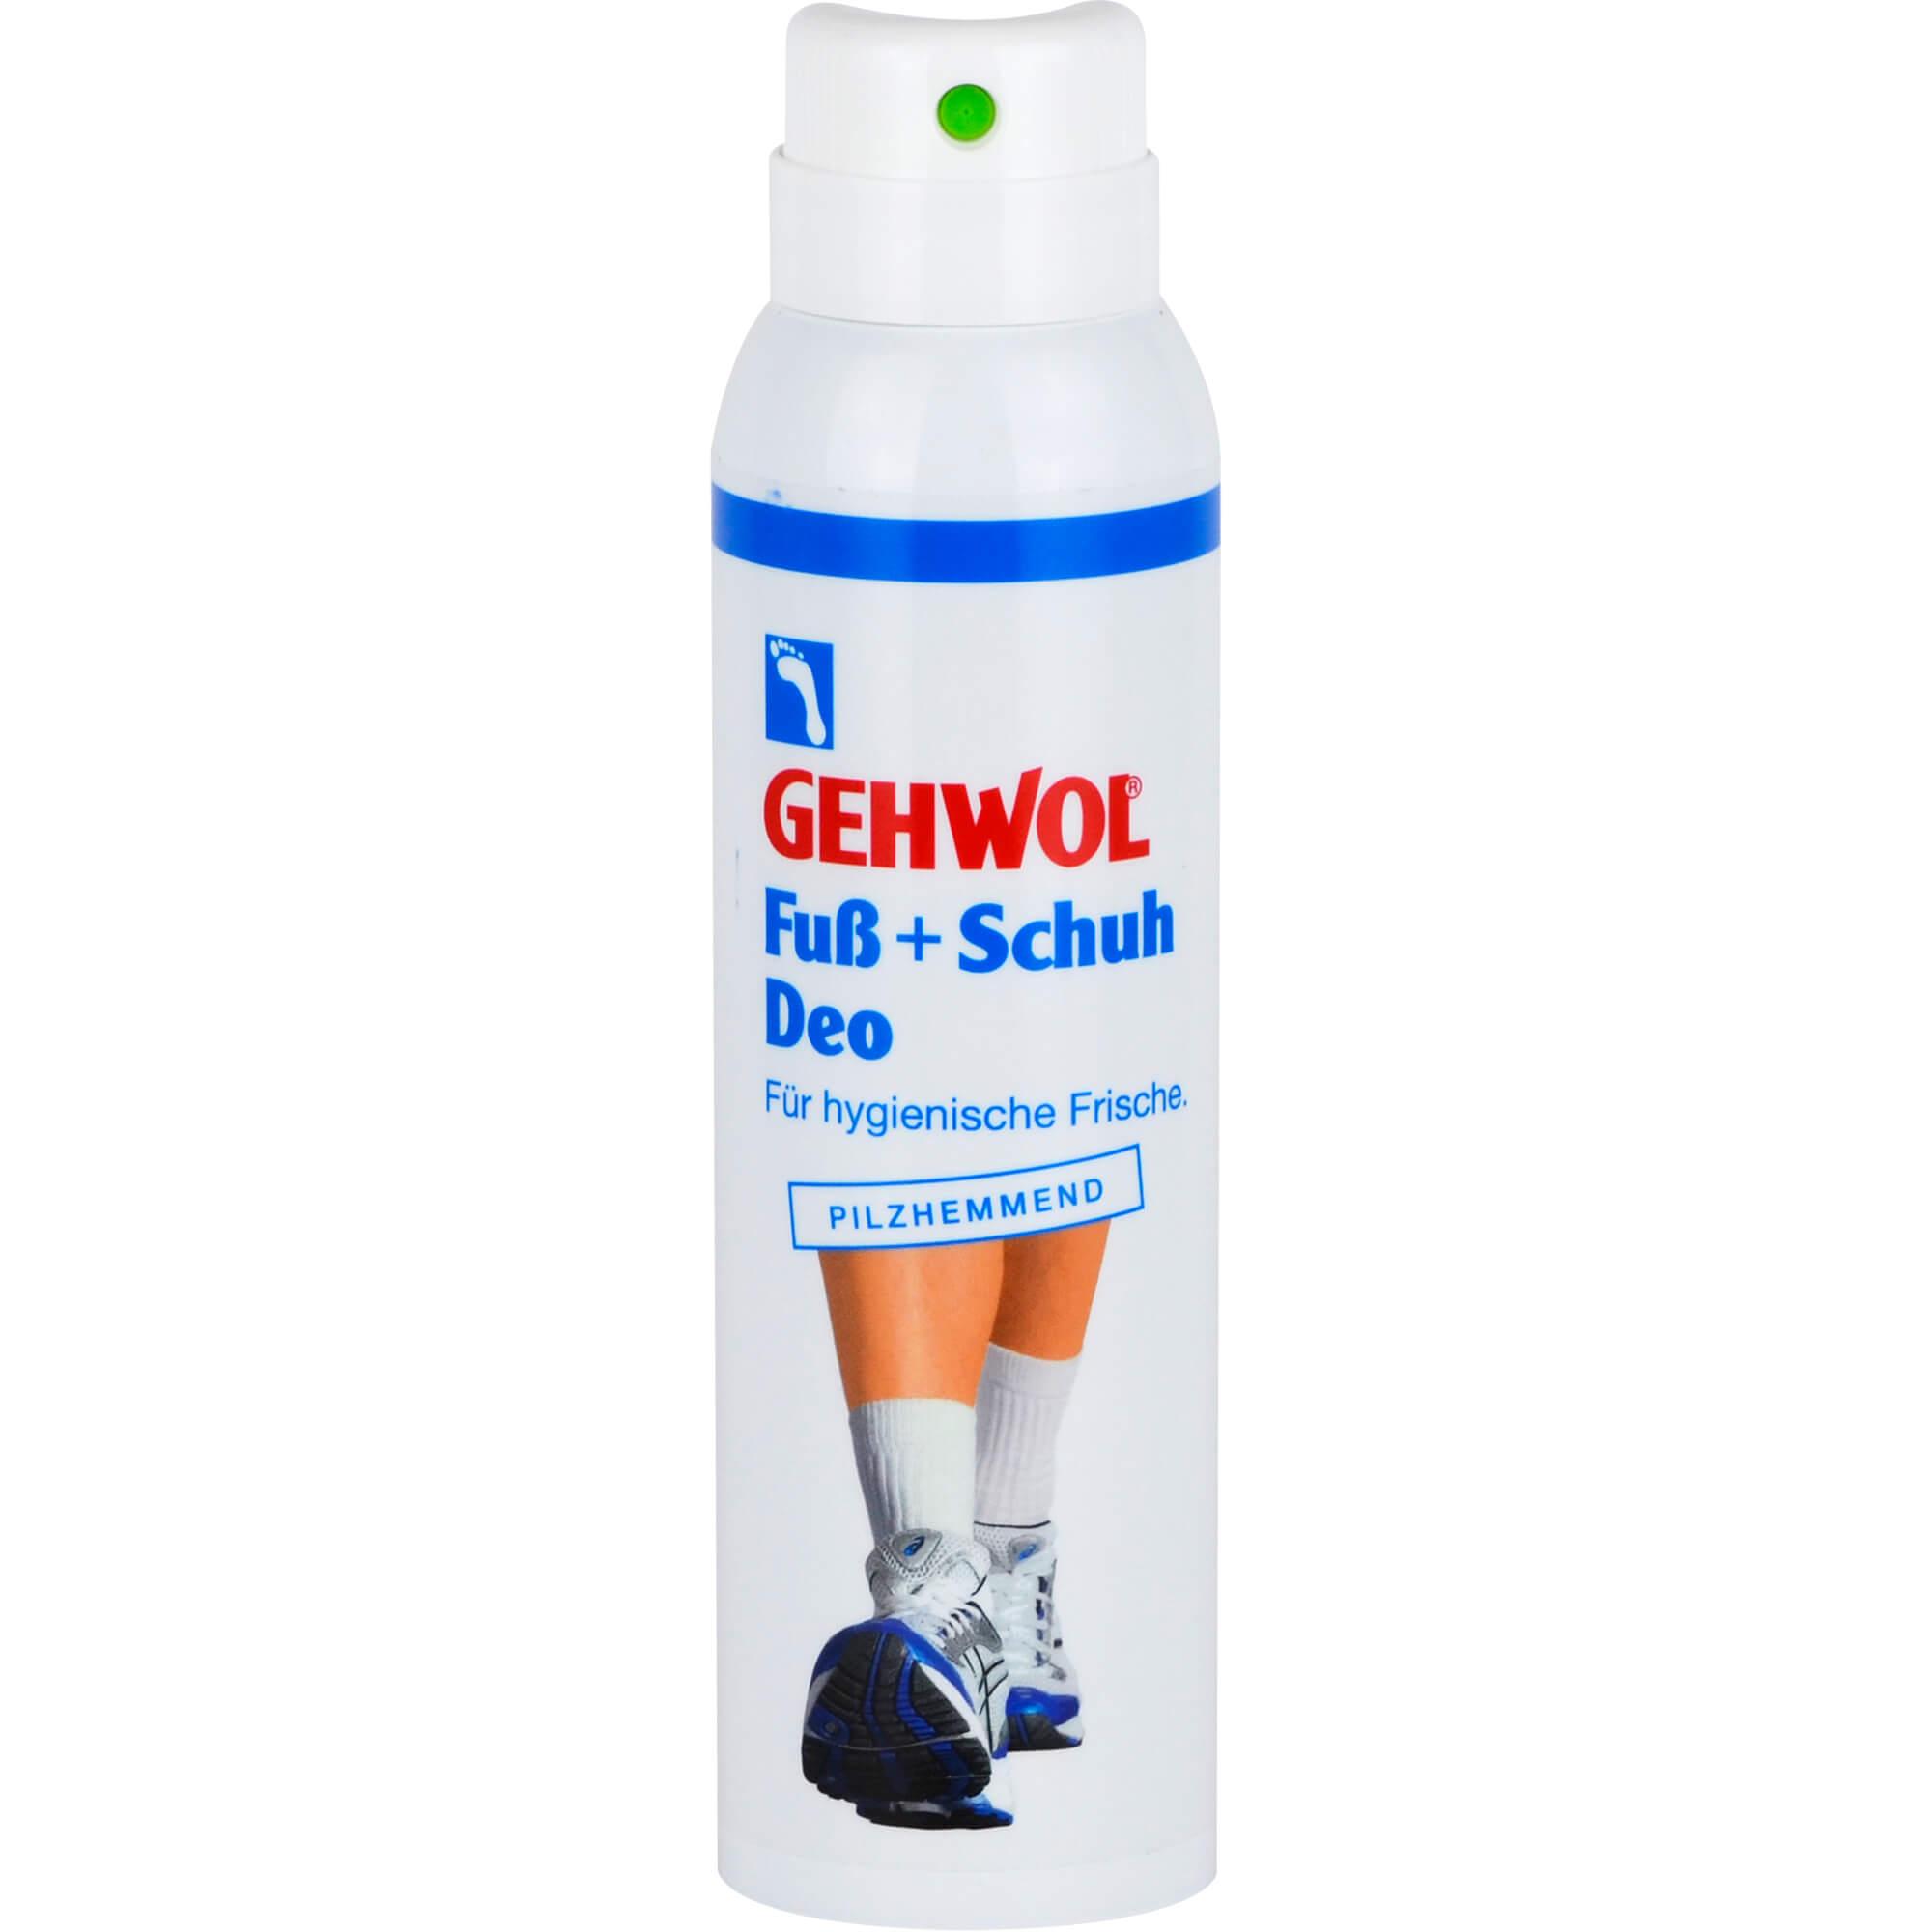 GEHWOL Fuß- und Schuh-Deo-Spray